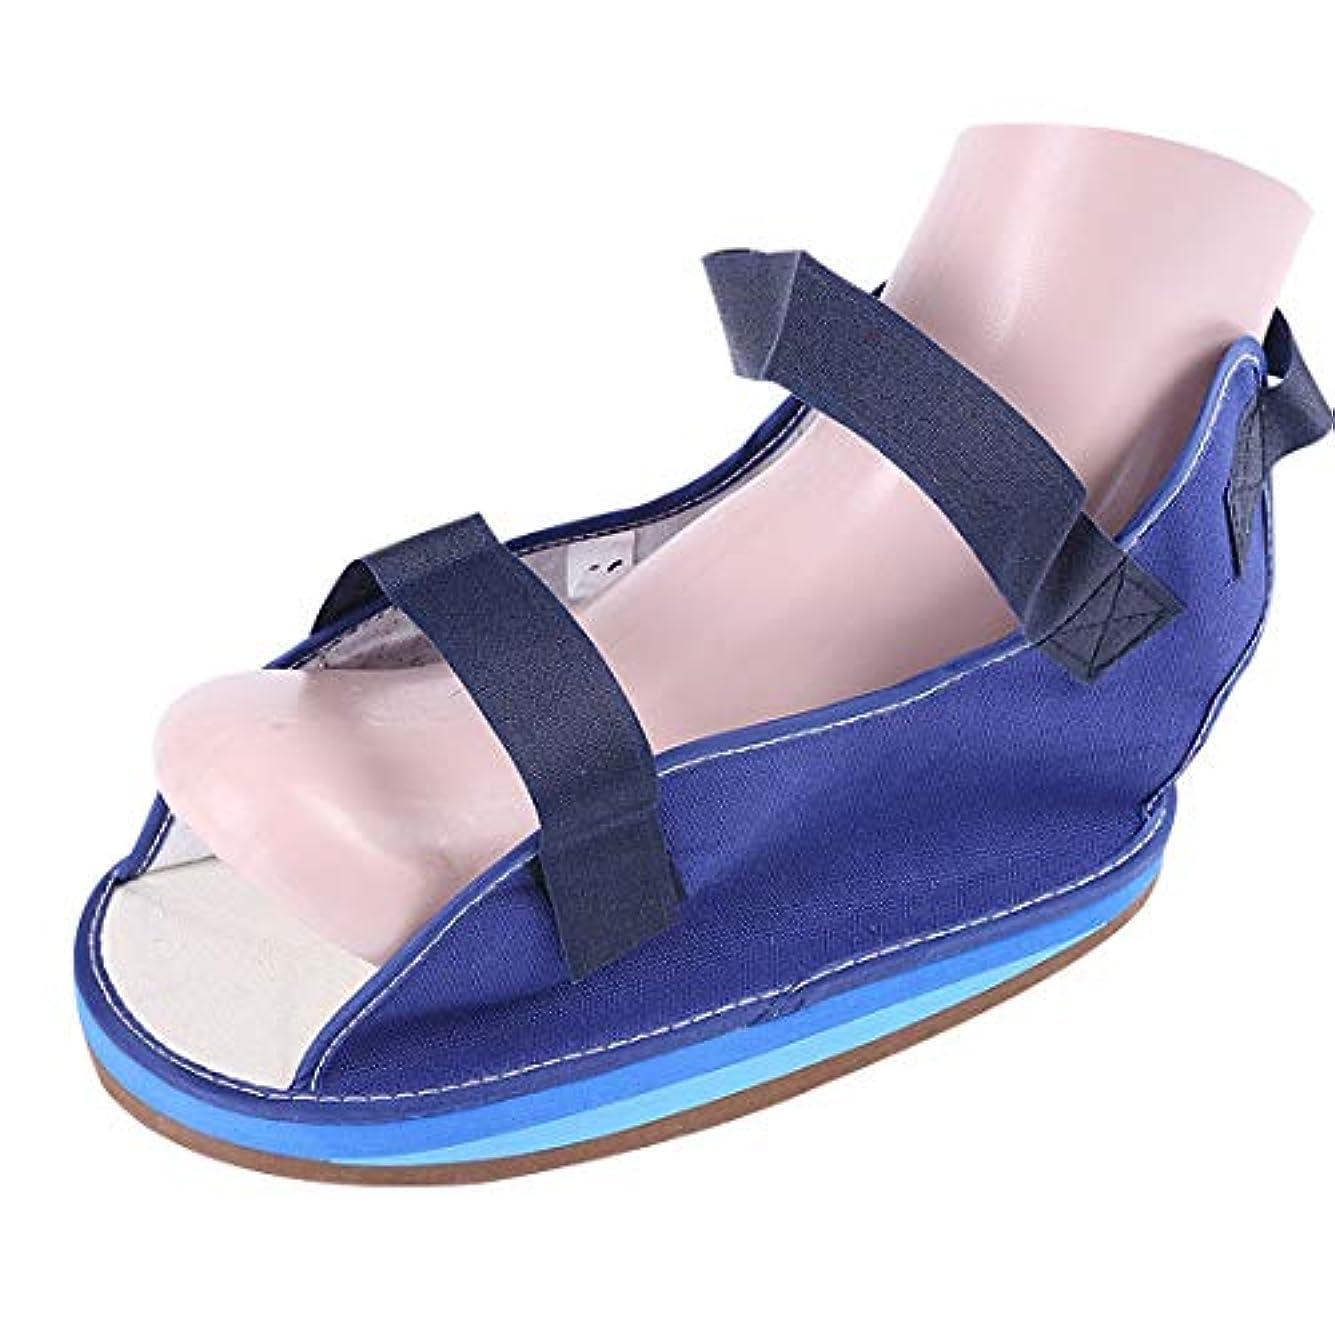 階下離婚宴会医療足骨折石膏の回復靴の手術後のつま先の靴を安定化骨折の靴を調整可能なファスナーで完全なカバー,S22cm